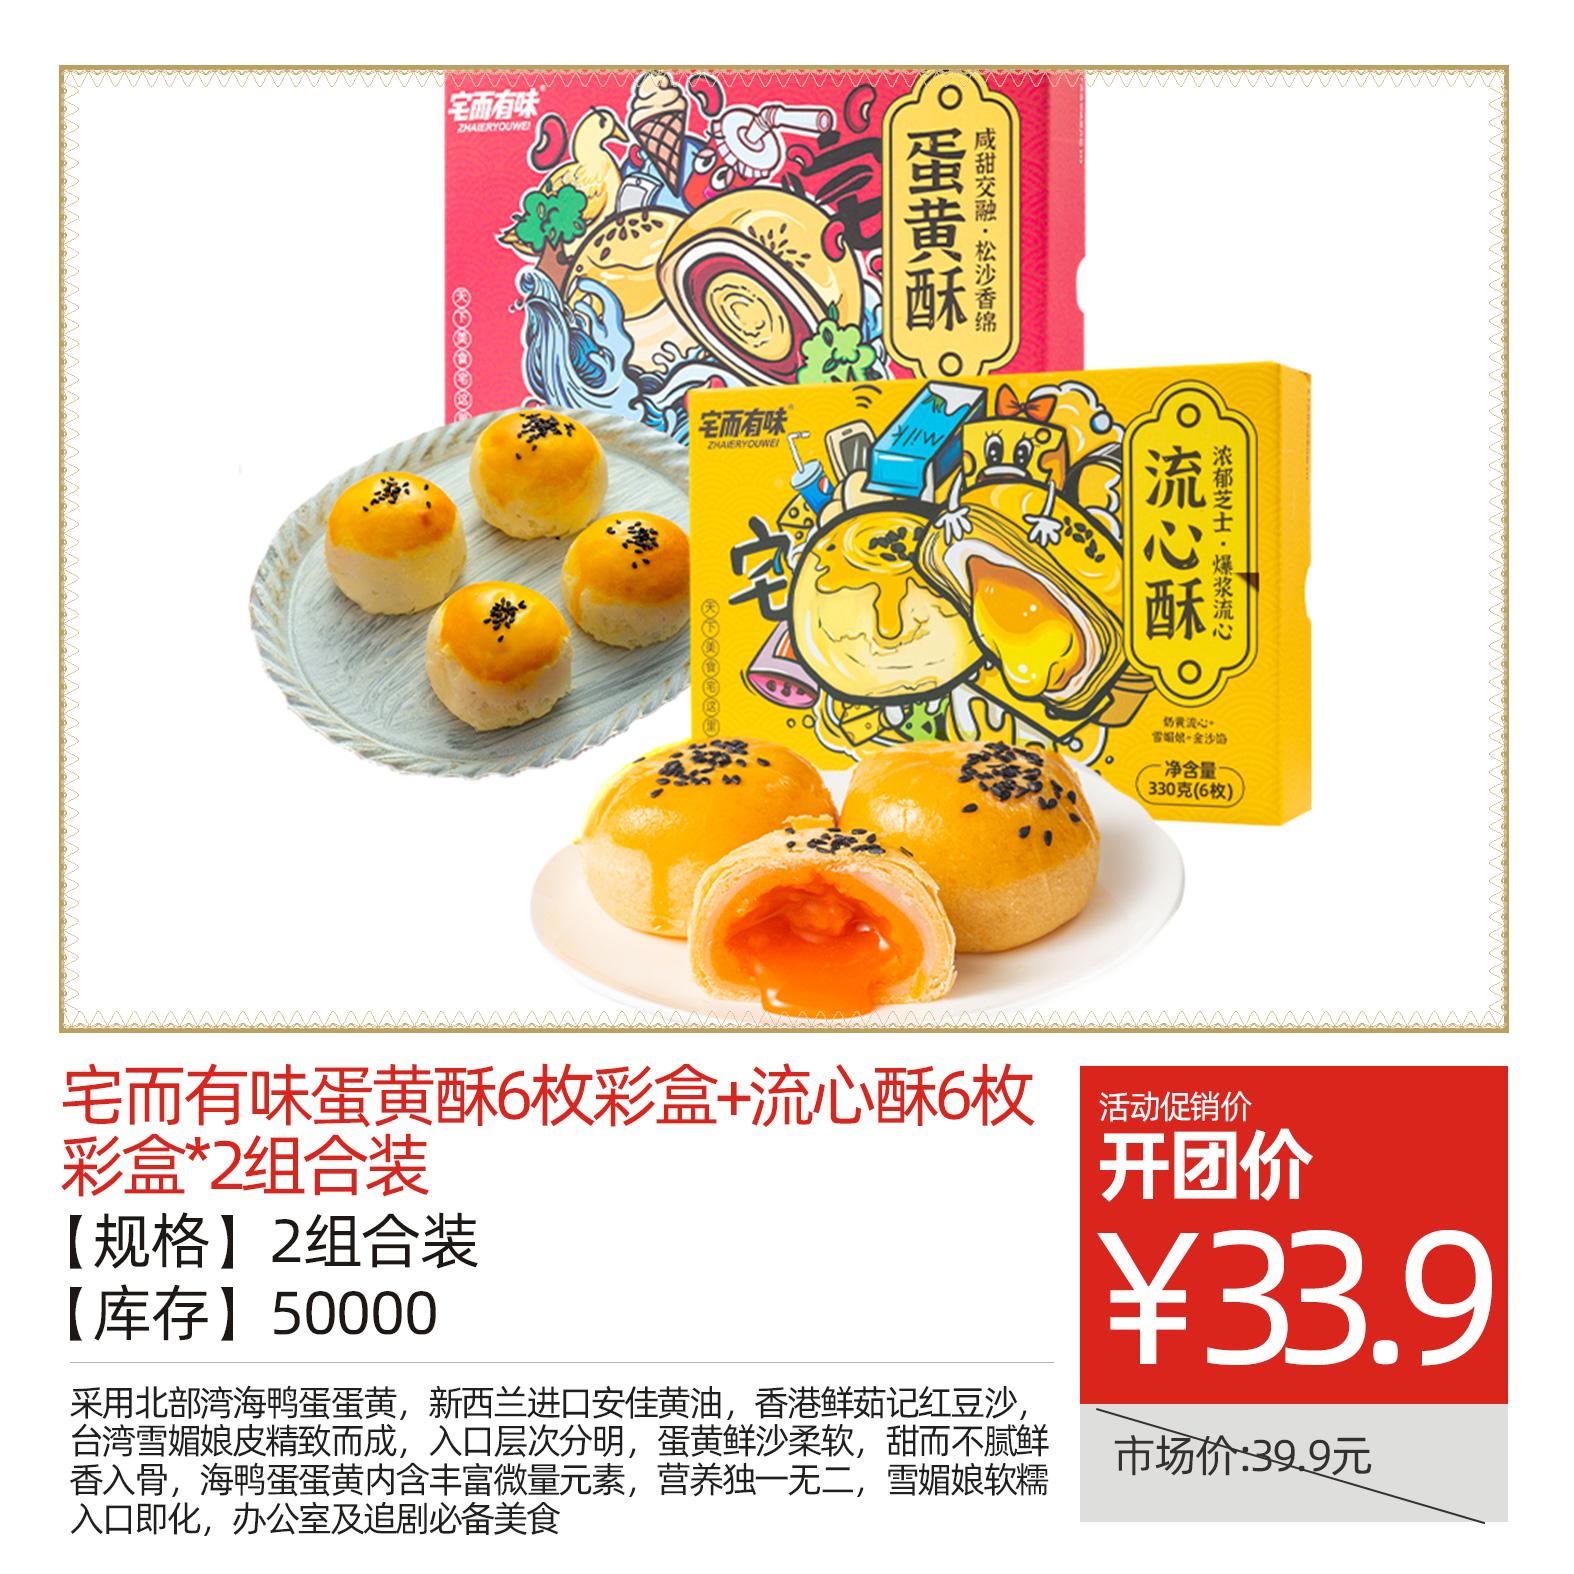 宅而有味蛋黄酥6枚彩盒+流心酥6枚彩盒*2组合装